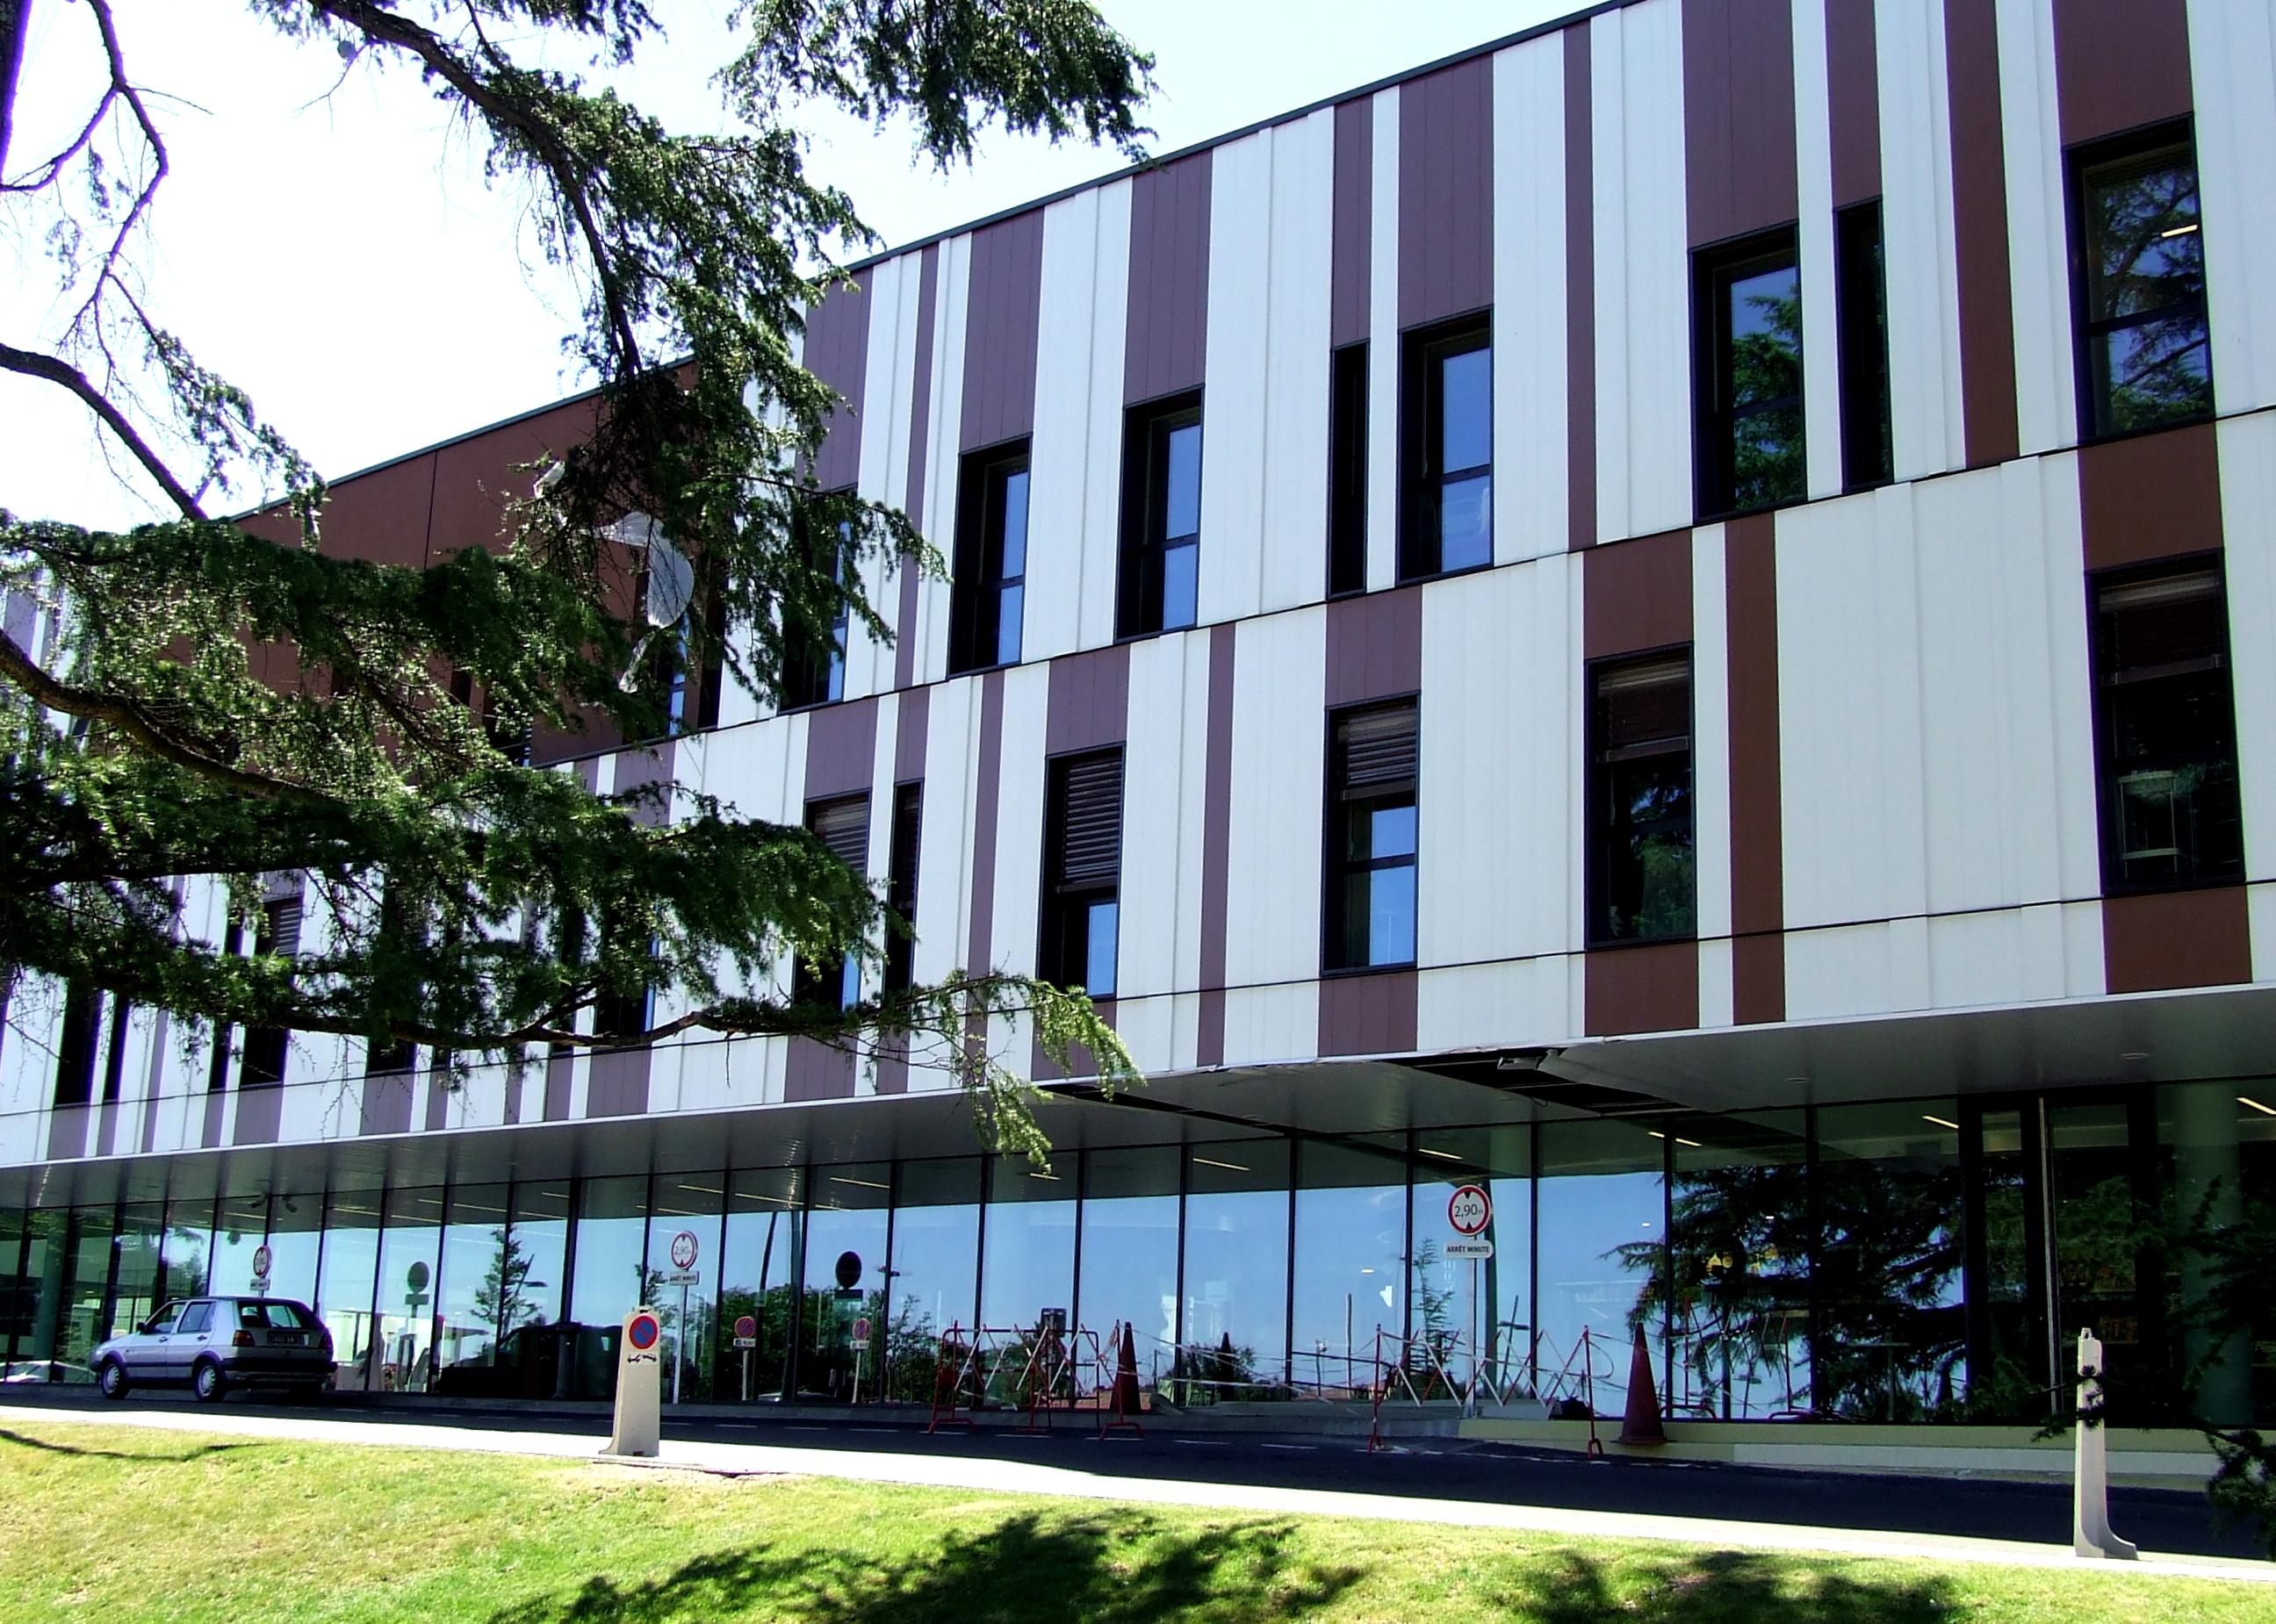 Autre vue du nouveau bâtiment